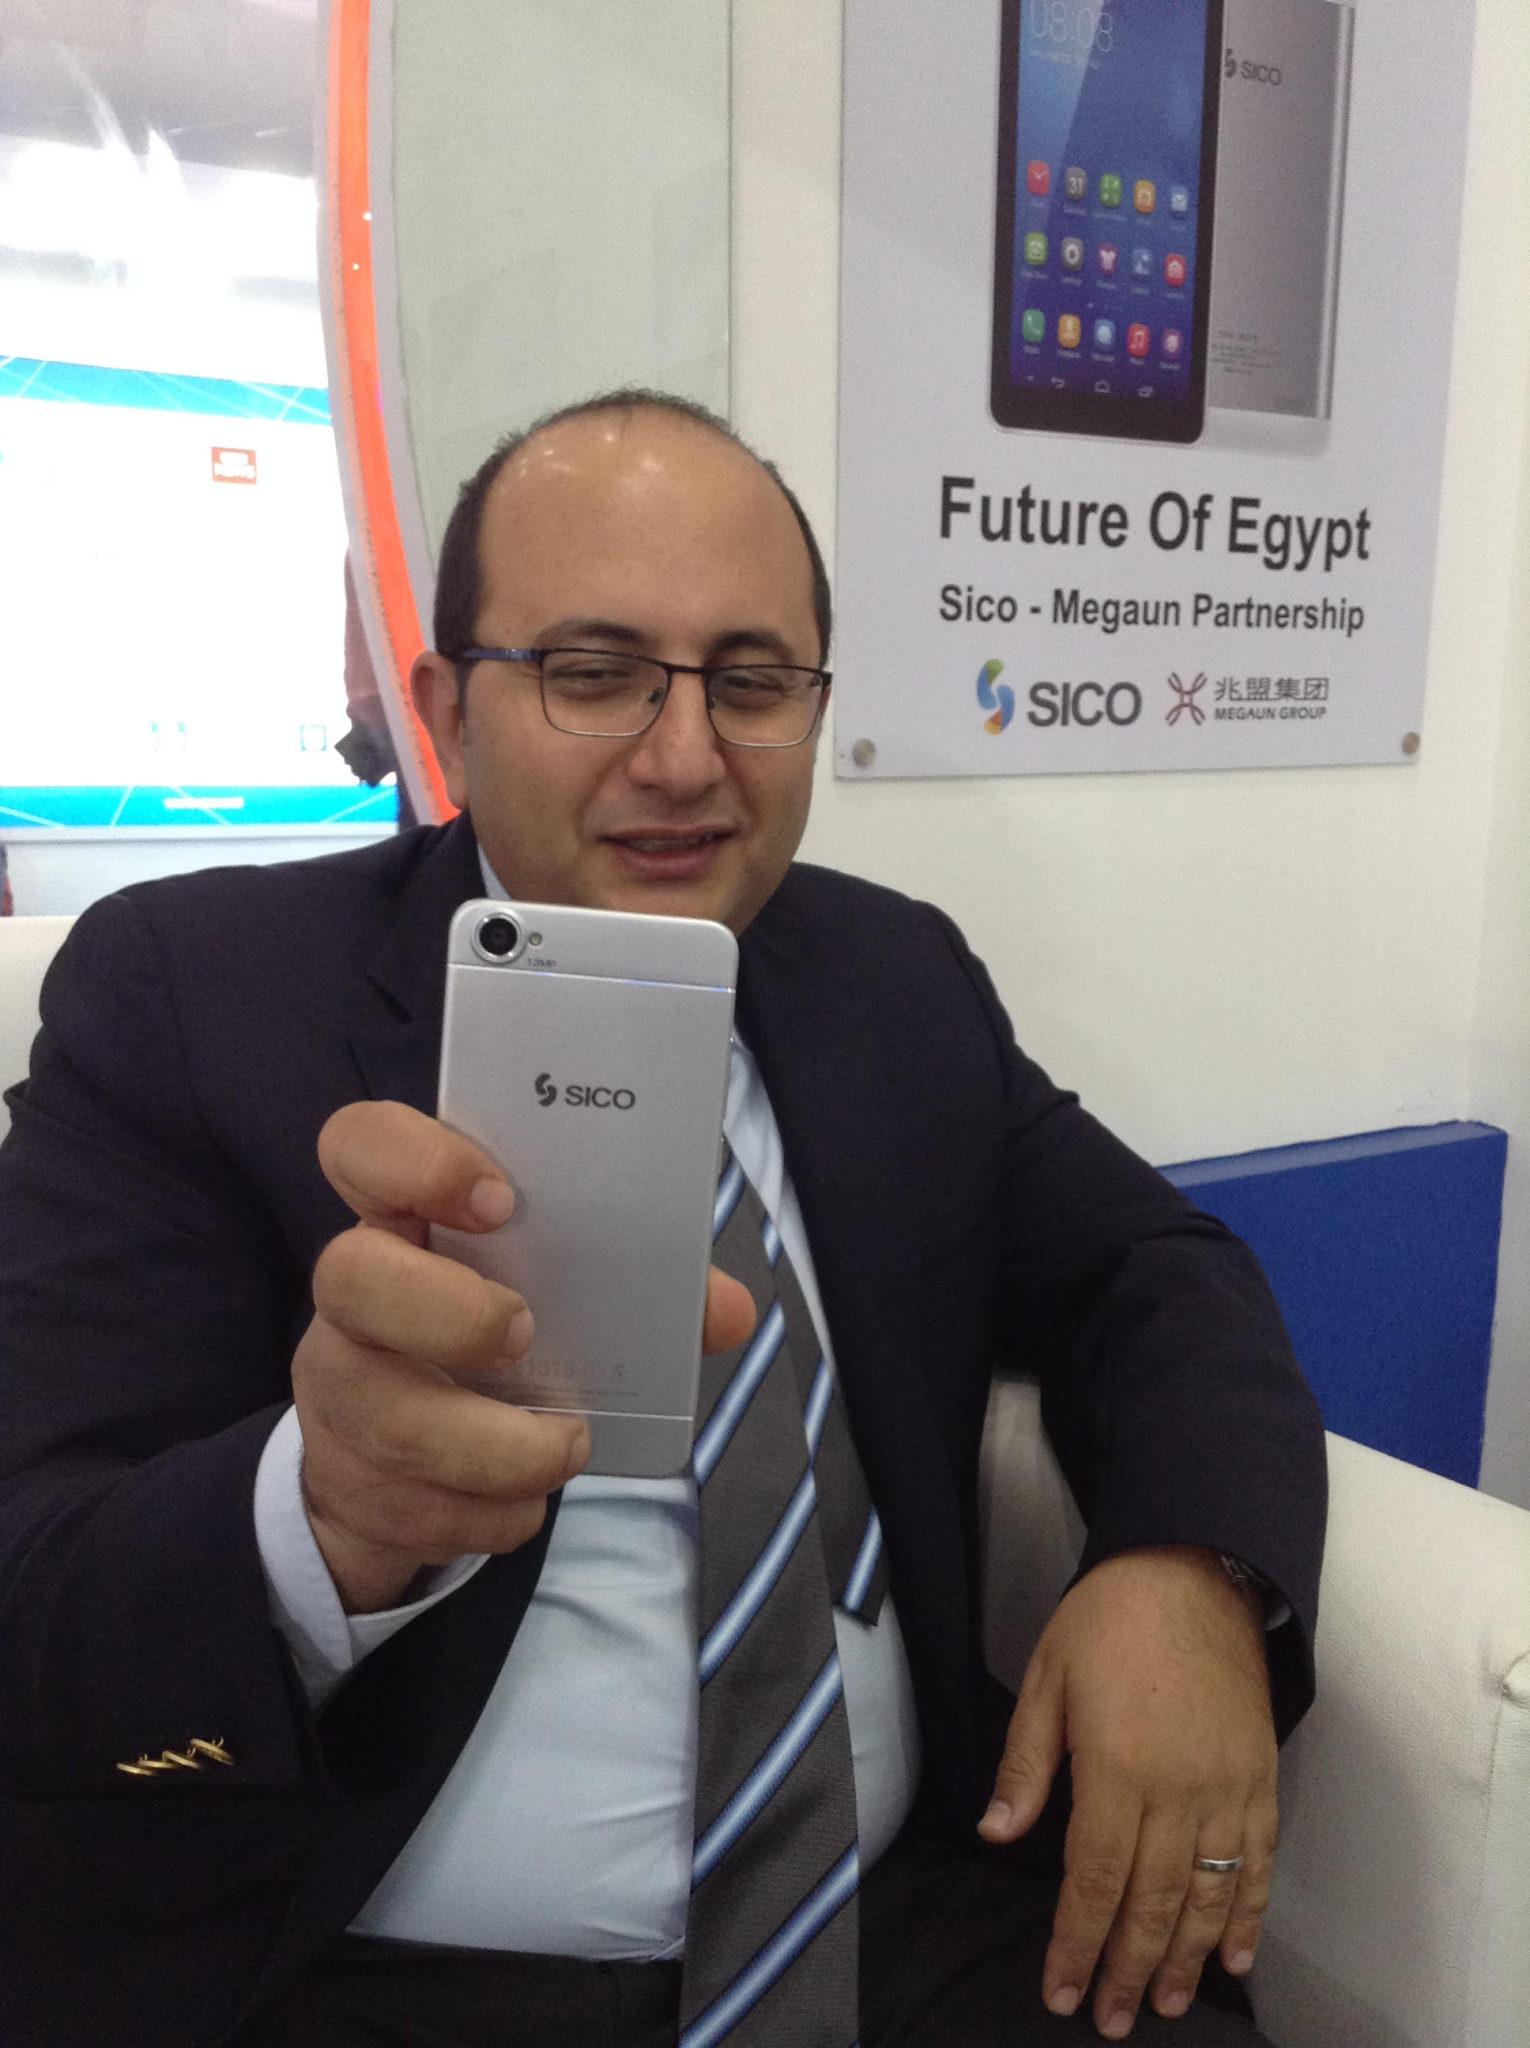 محمد سالم رئيس سيكو